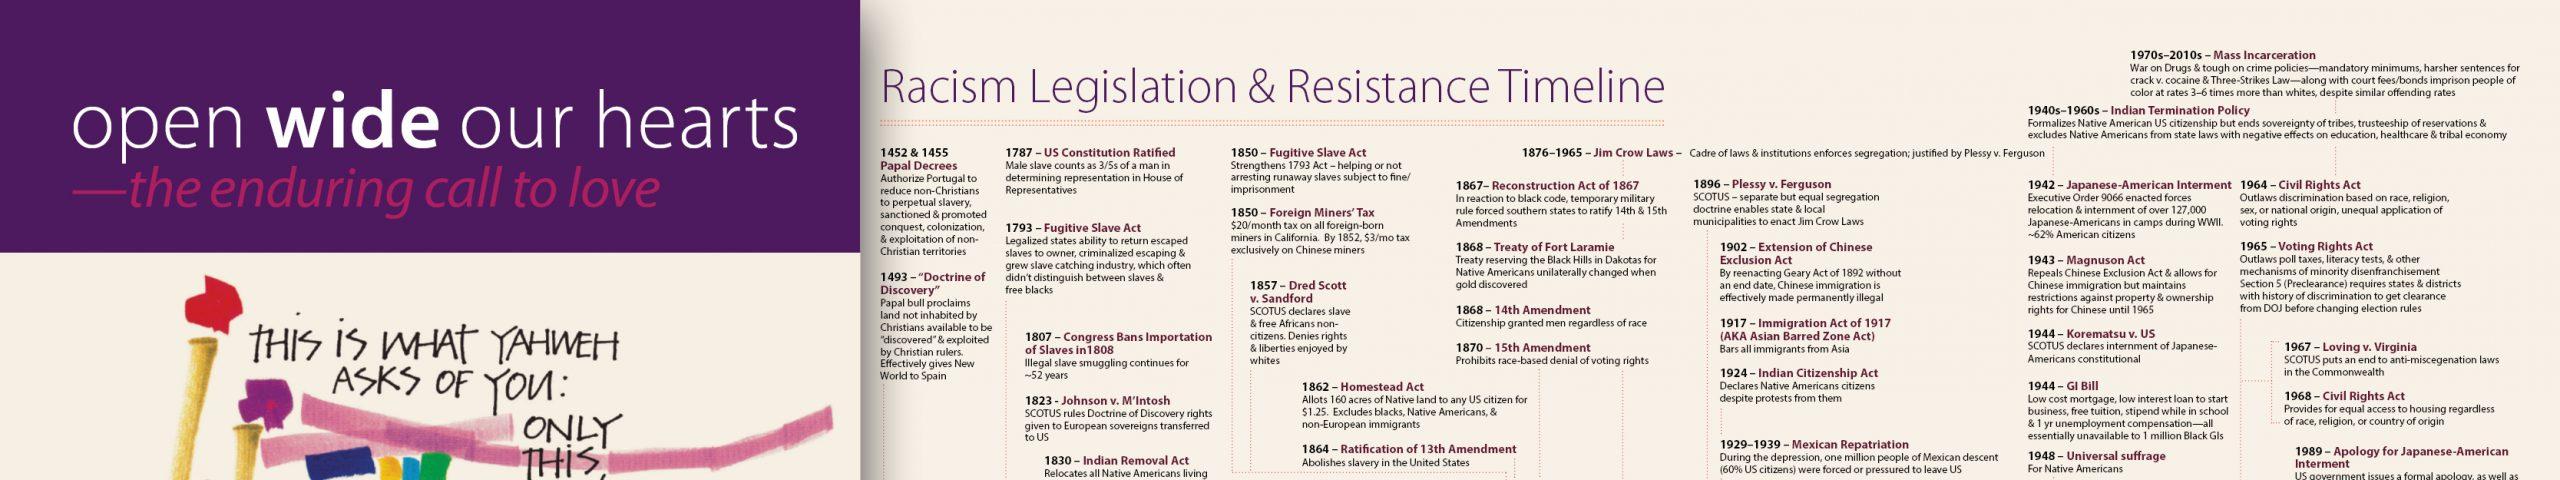 Racism Legislation and Resistance Timeline